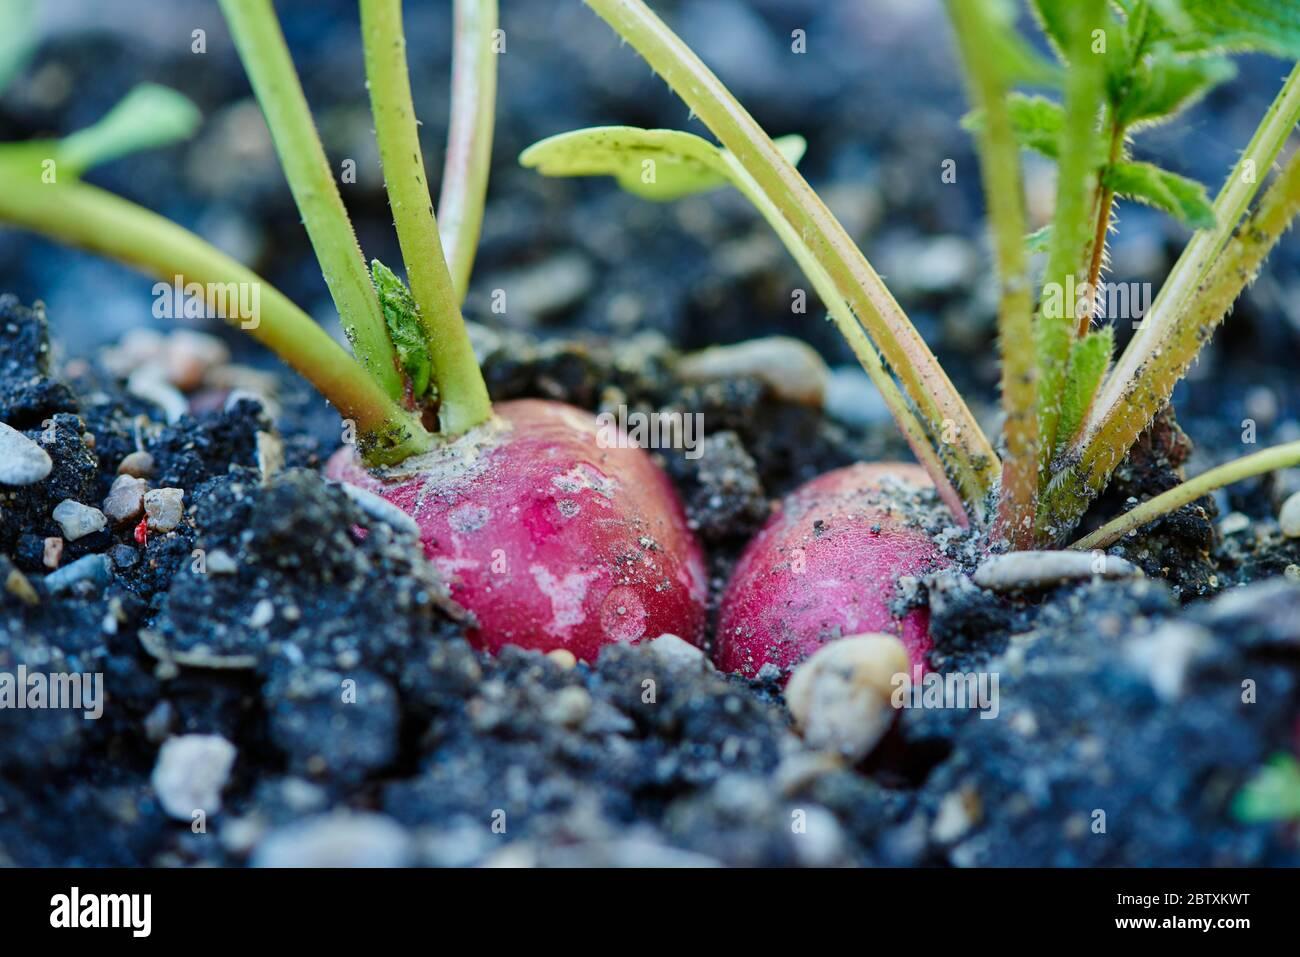 Radis rouge (Raphanus sativus var. Sativus) dans un jardin, Haut-Palatinat, Bavière, Allemagne, Europe Banque D'Images